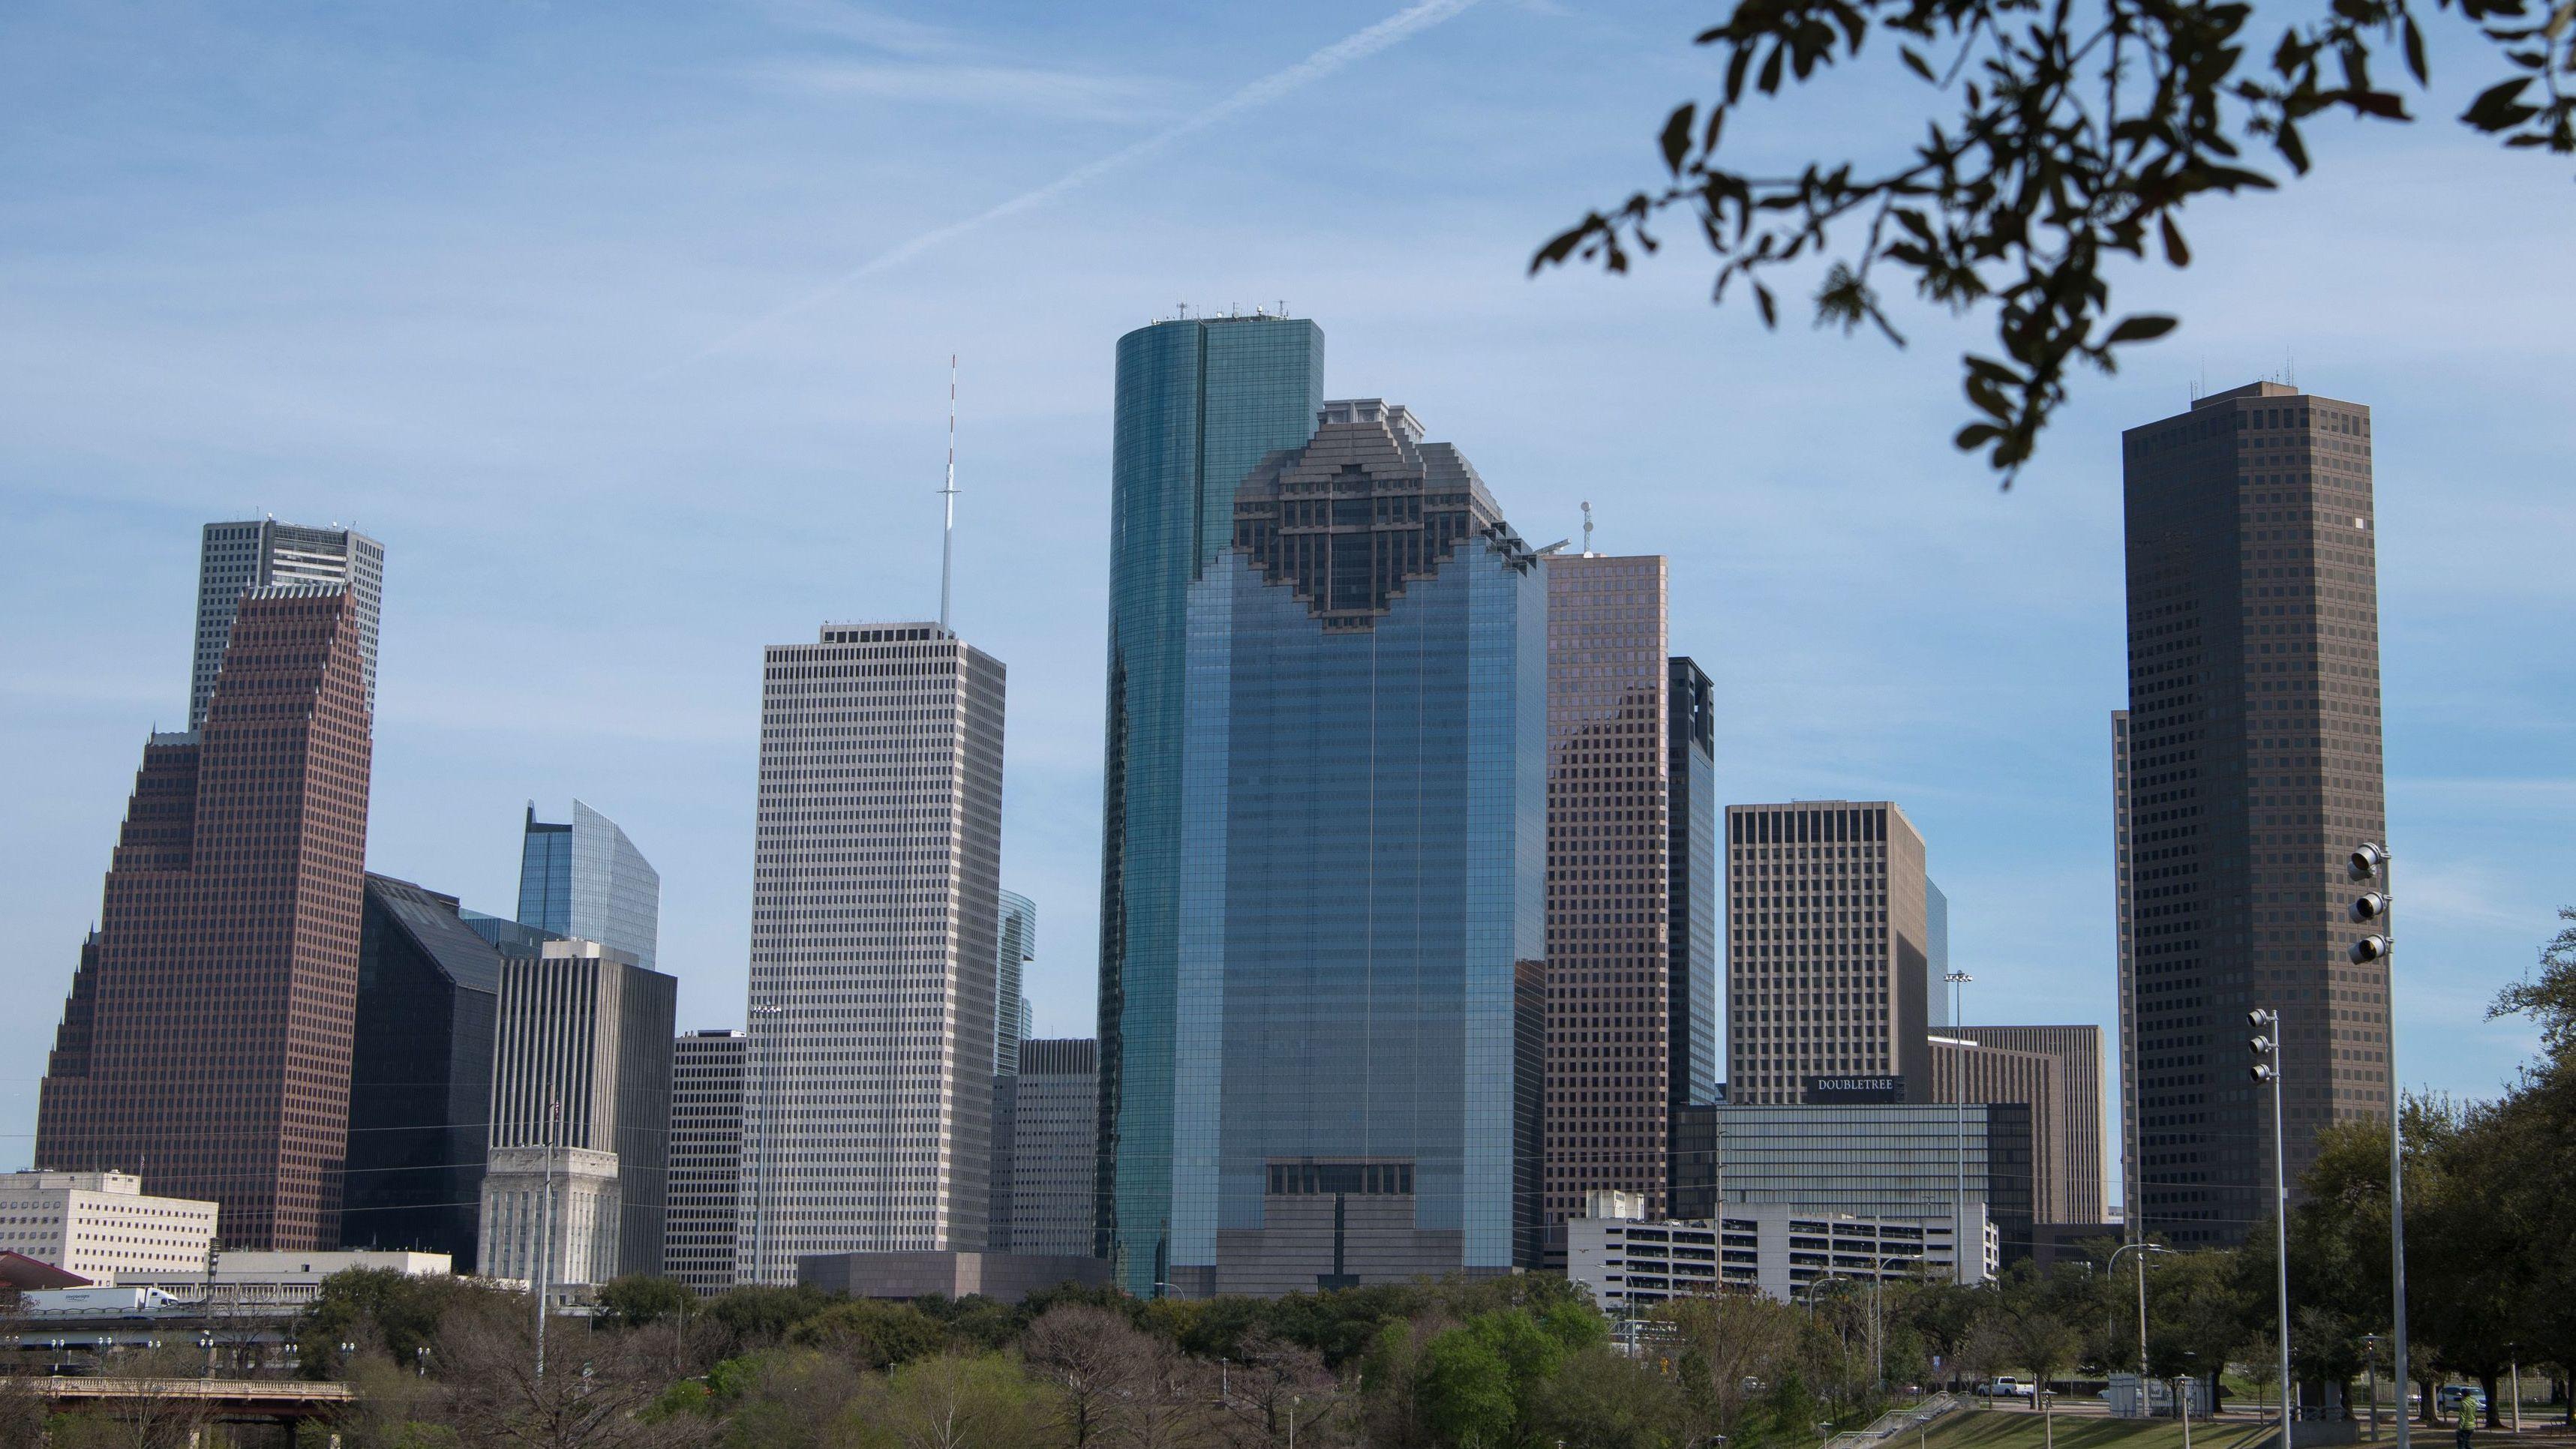 Downtown Houston, Texas in 2019.